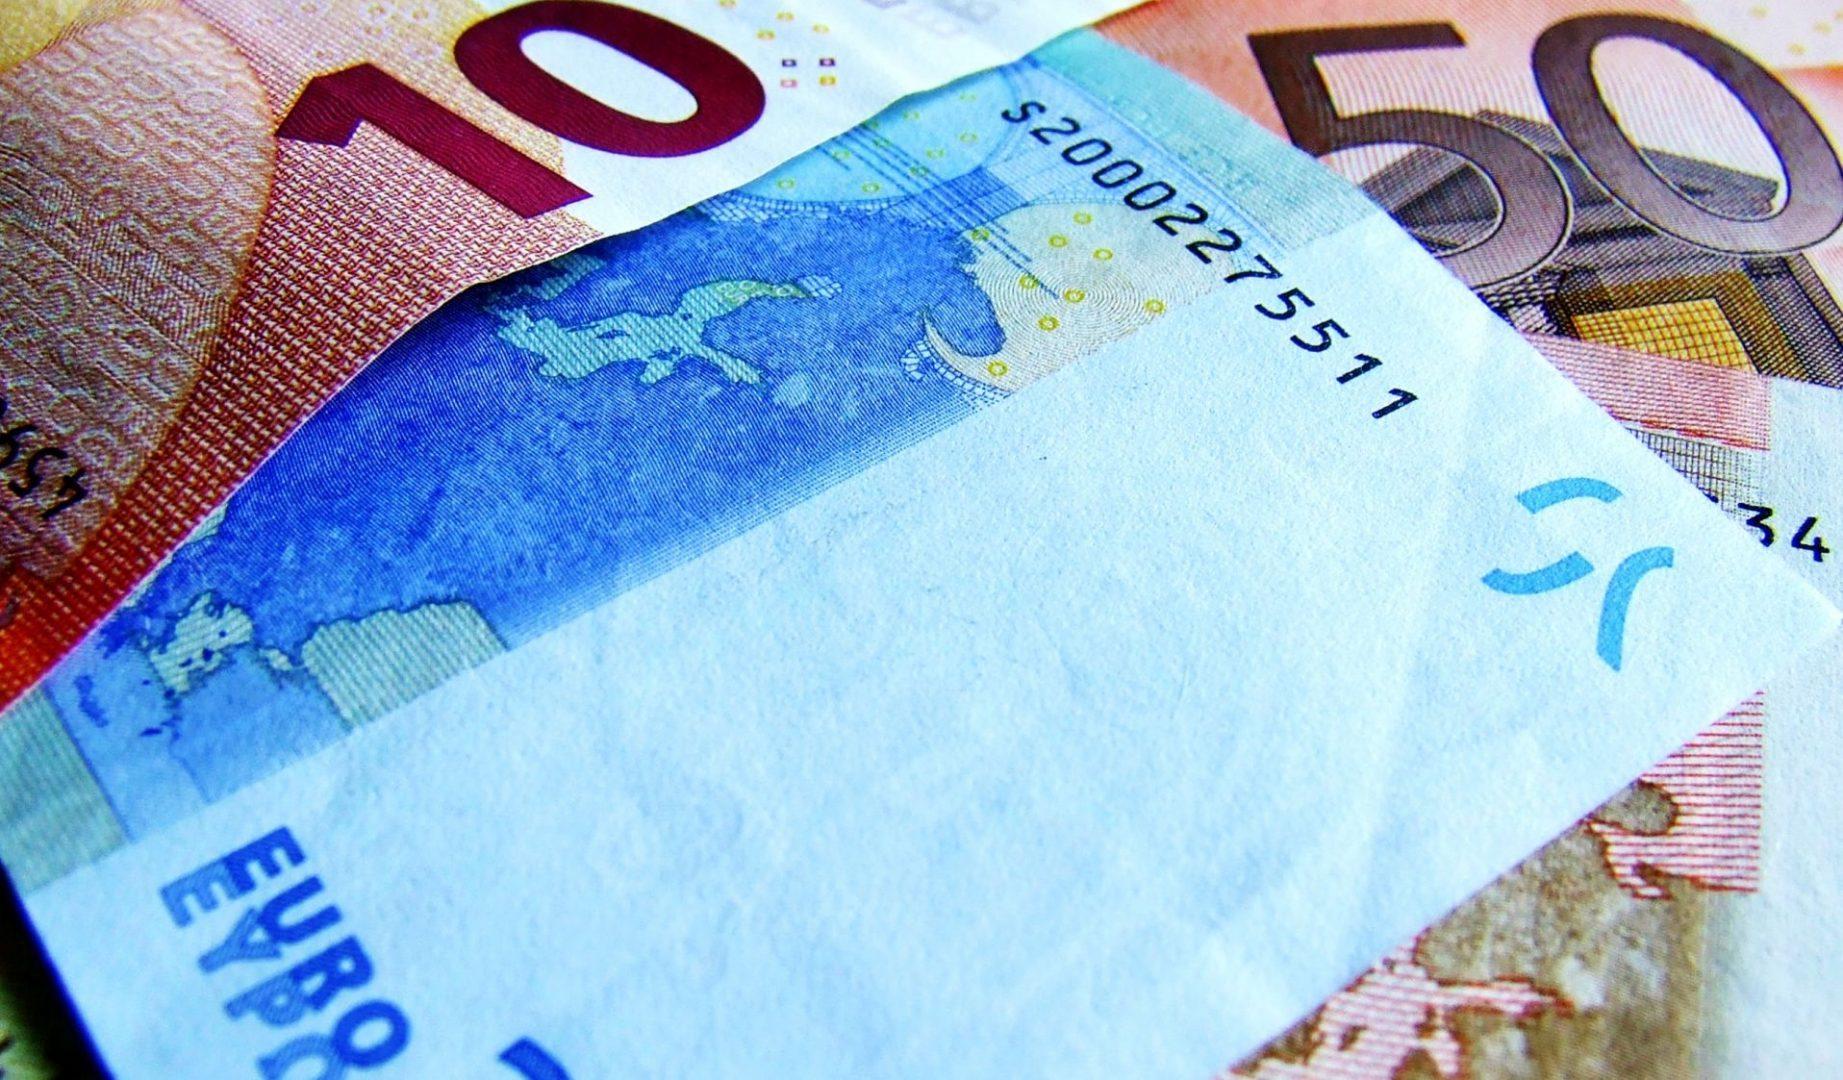 Curs valutar BNR, 23 iunie 2020. Leul în raport cu euro și dolarul, acțiunile FAANG și principalele criptomonede